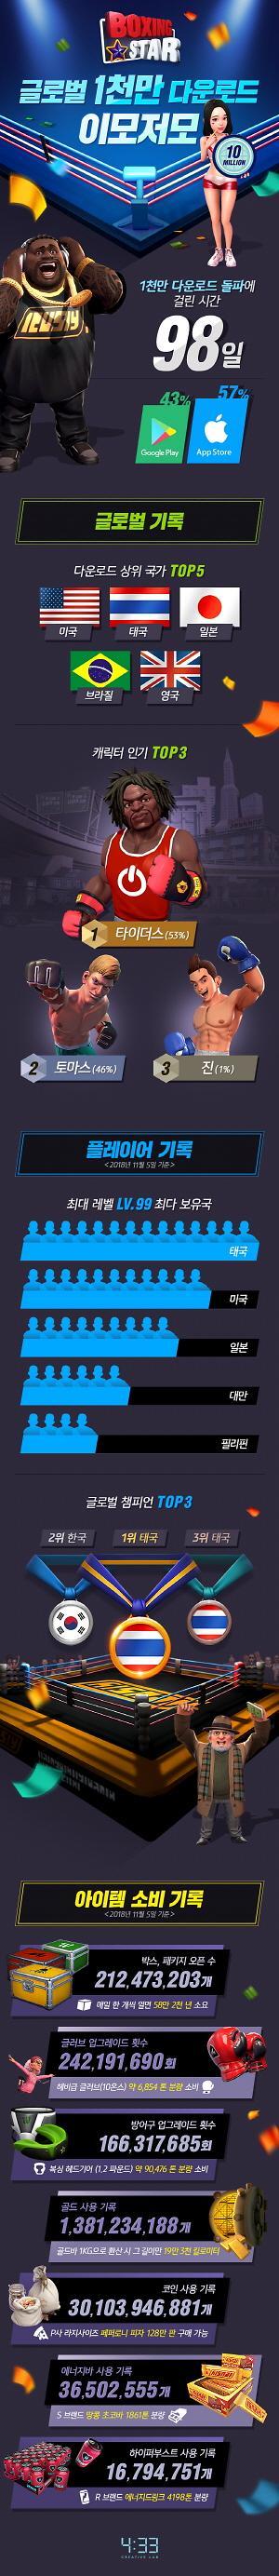 네시삼십삼분 복싱스타, 글로벌 1000만 다운 인포그래픽 공개